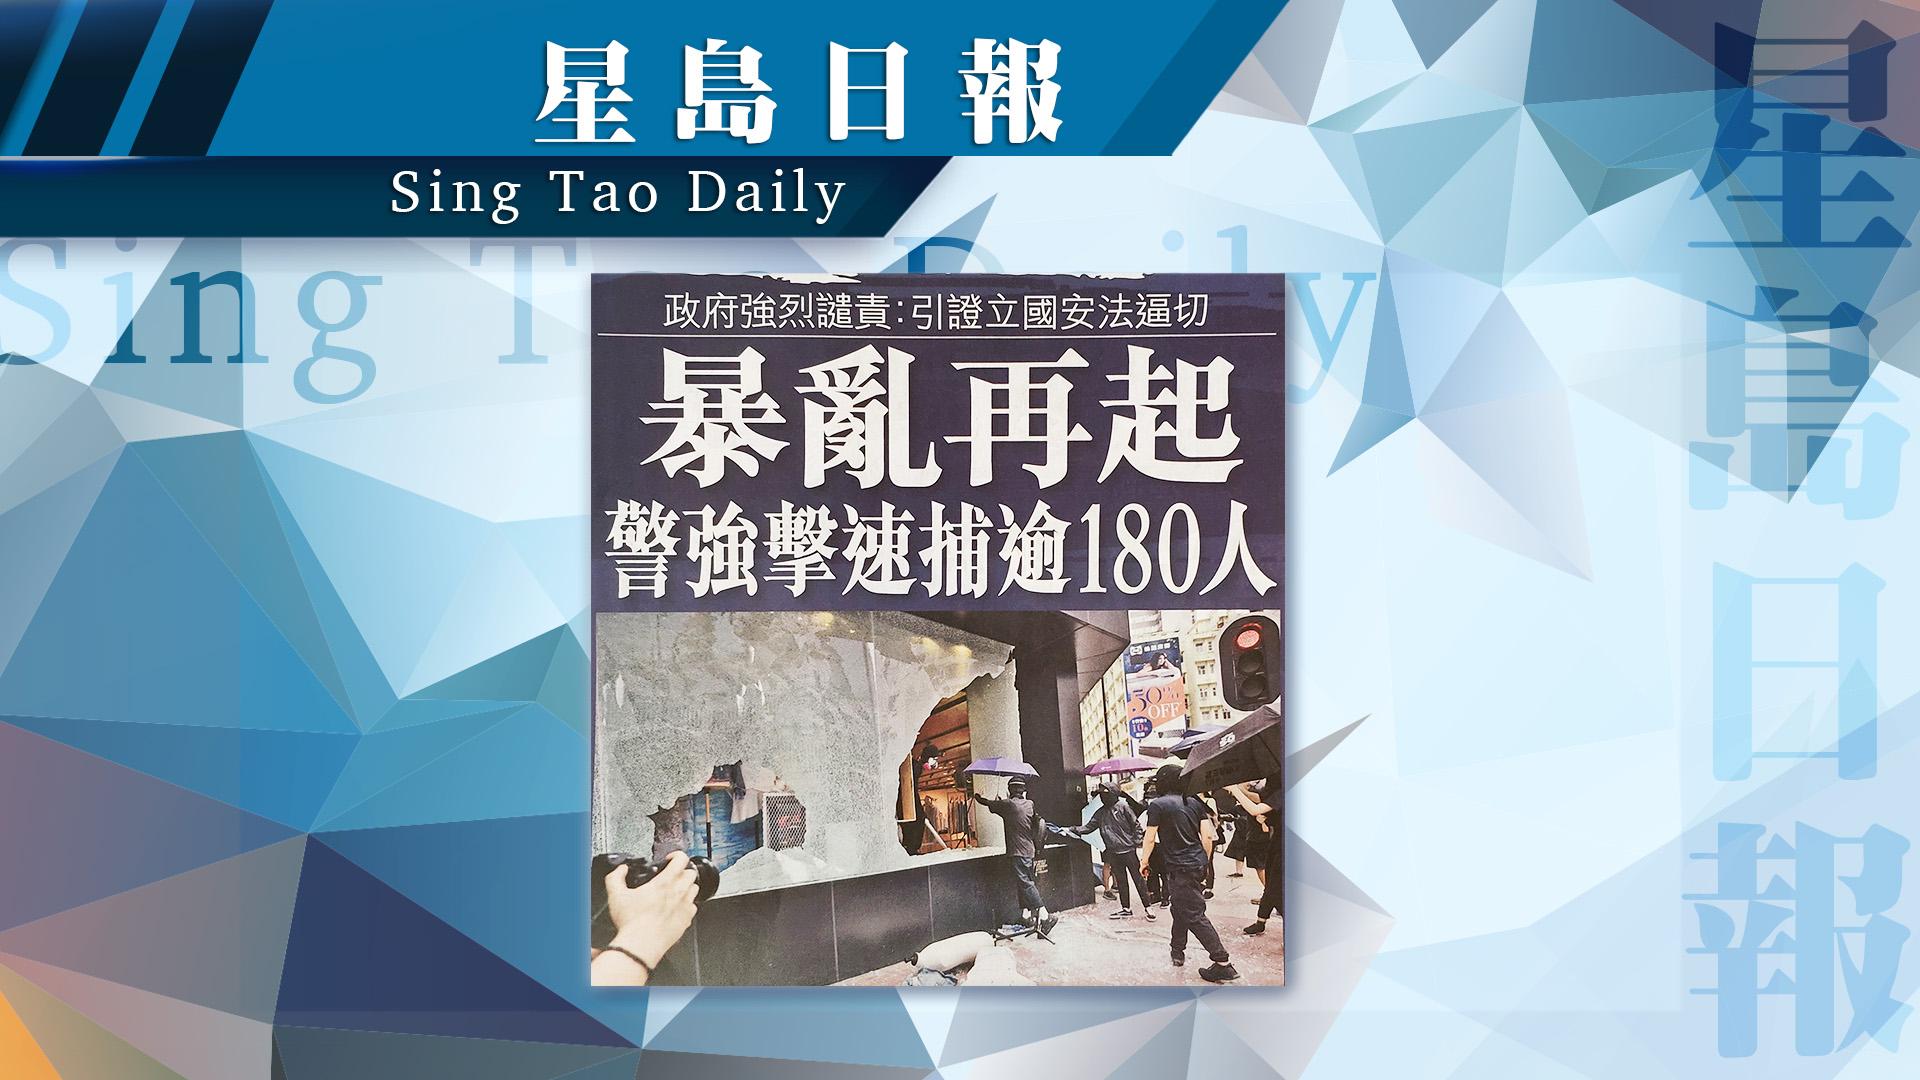 【報章A1速覽】反國安法遊行 180人被捕 政府指印證立法迫切;韓正:「黑暴」成社會公害 立法保障大多數